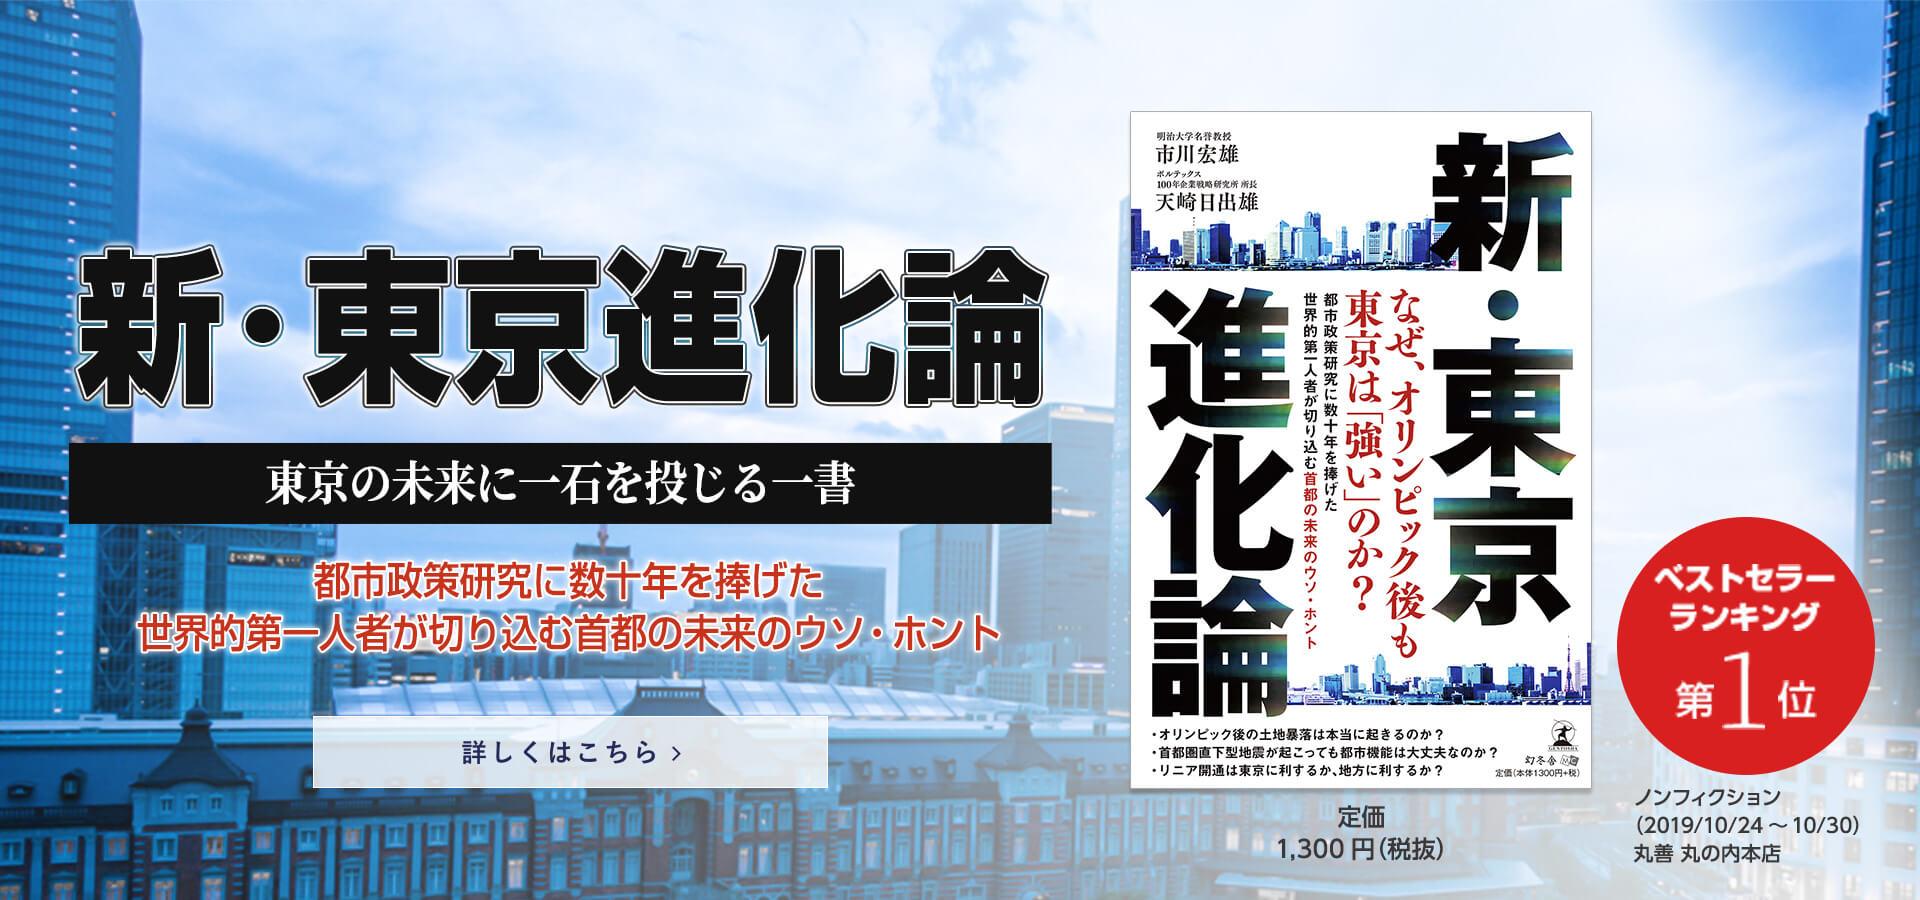 新・東京進化論 東京の未来に一石を投じる一書